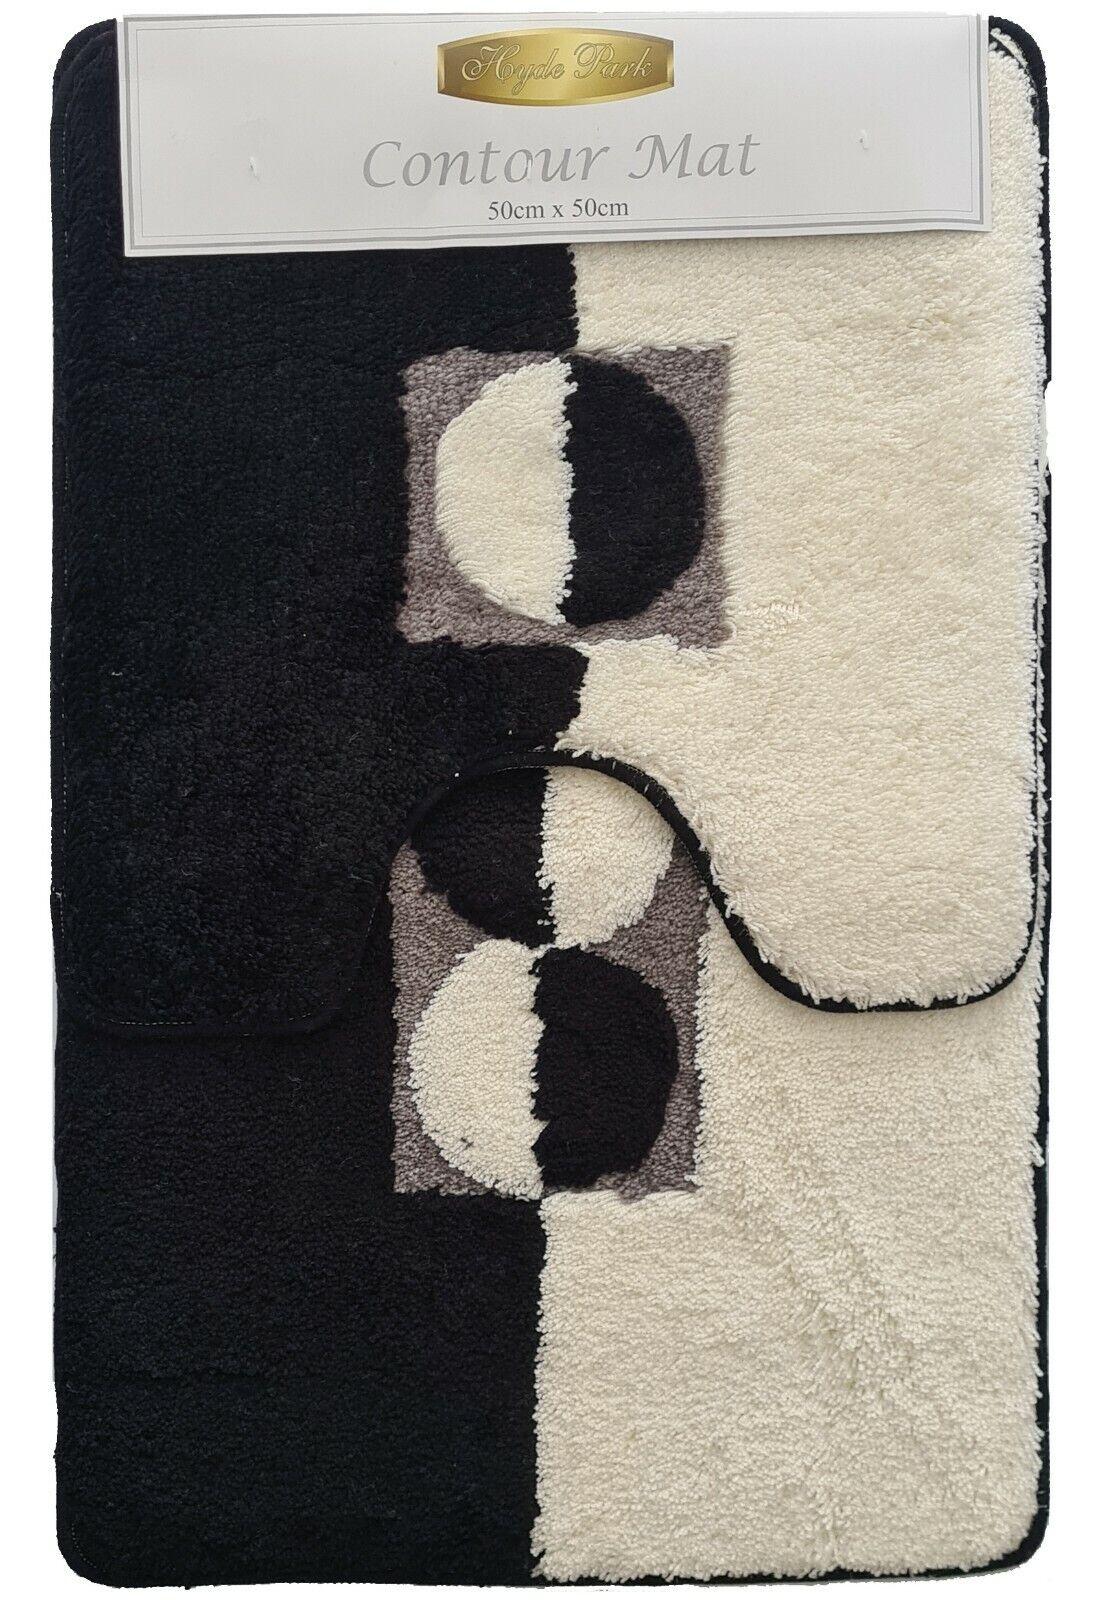 Hyde Park Eclipse Black/White 1 x Bath Mat 50x80cm + Contour 1 x Mat 50x50cm Set